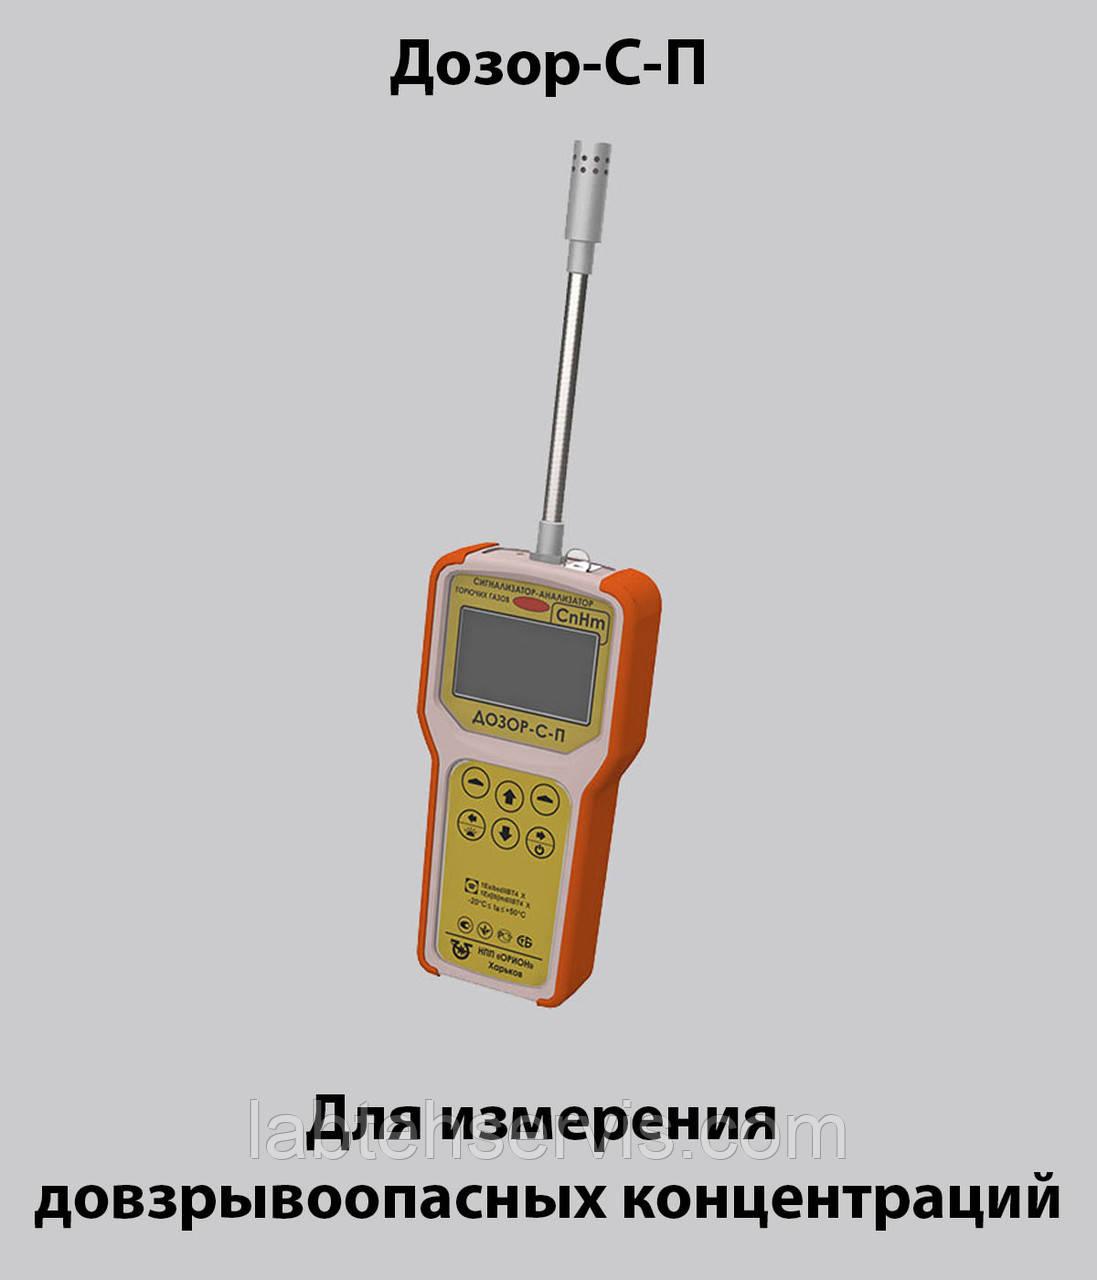 Переносные однокомпонентные газоанализаторы ДОЗОР-С-П